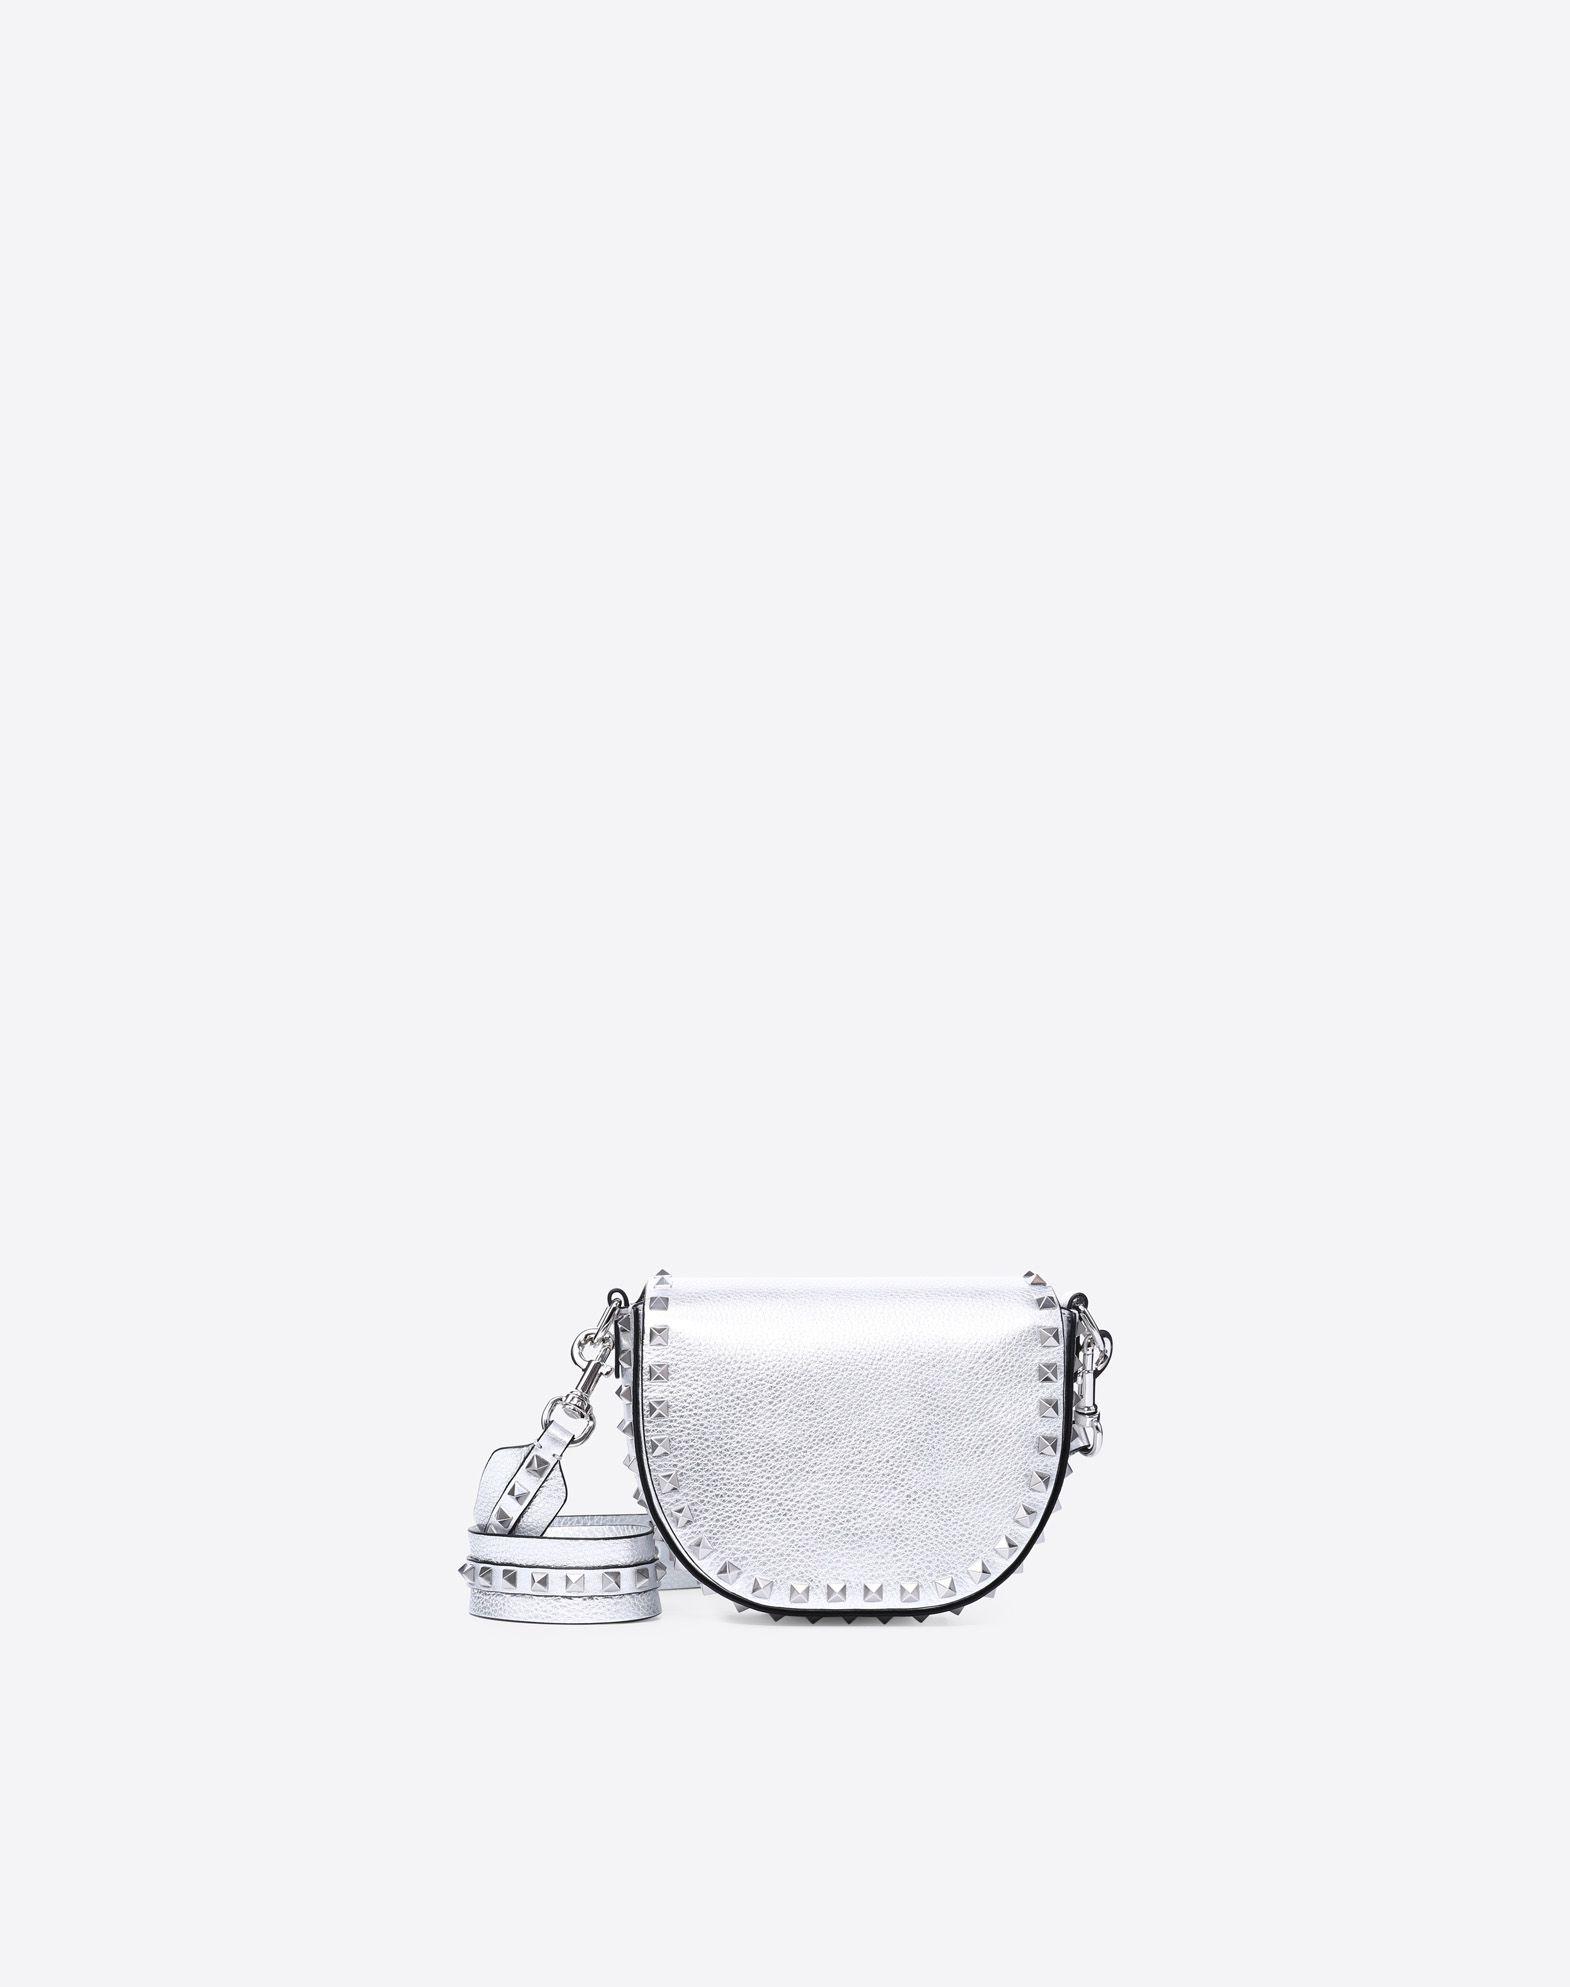 VALENTINO GARAVANI Rockstud Mini Shoulder Bag CROSS BODY BAG D f